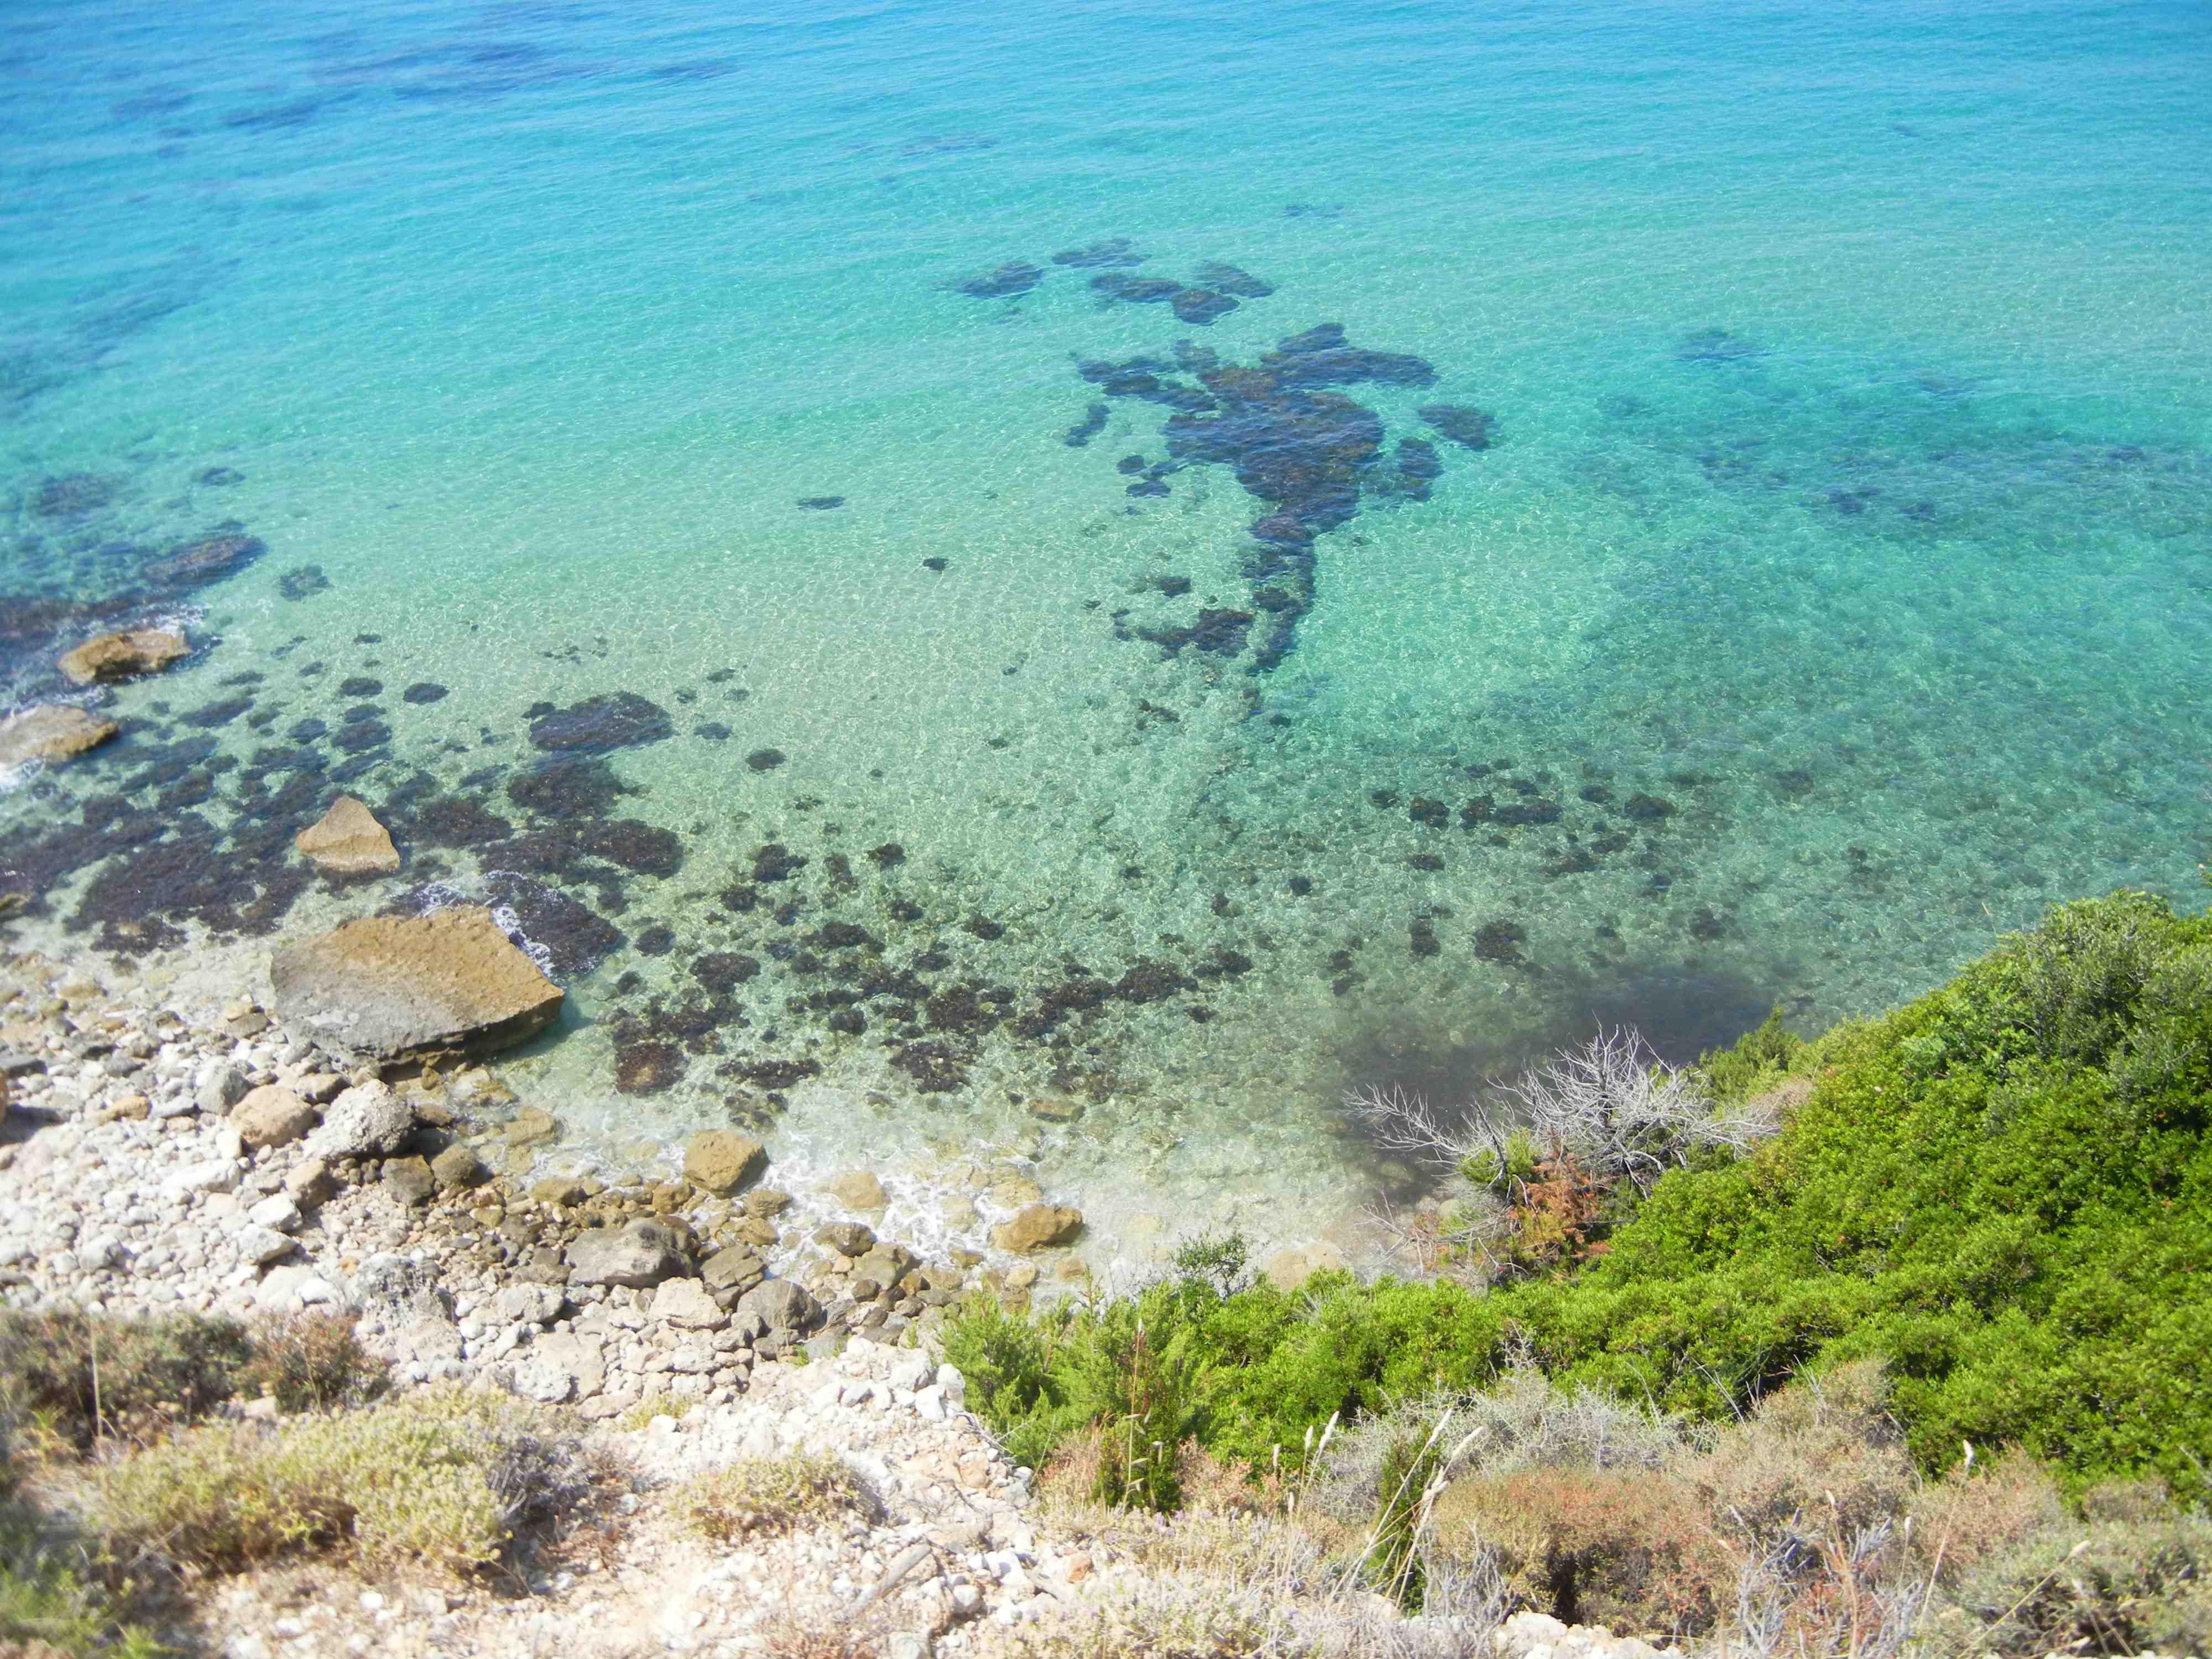 Le spiagge più belle di Cefalonia - Io Amo i Viaggi